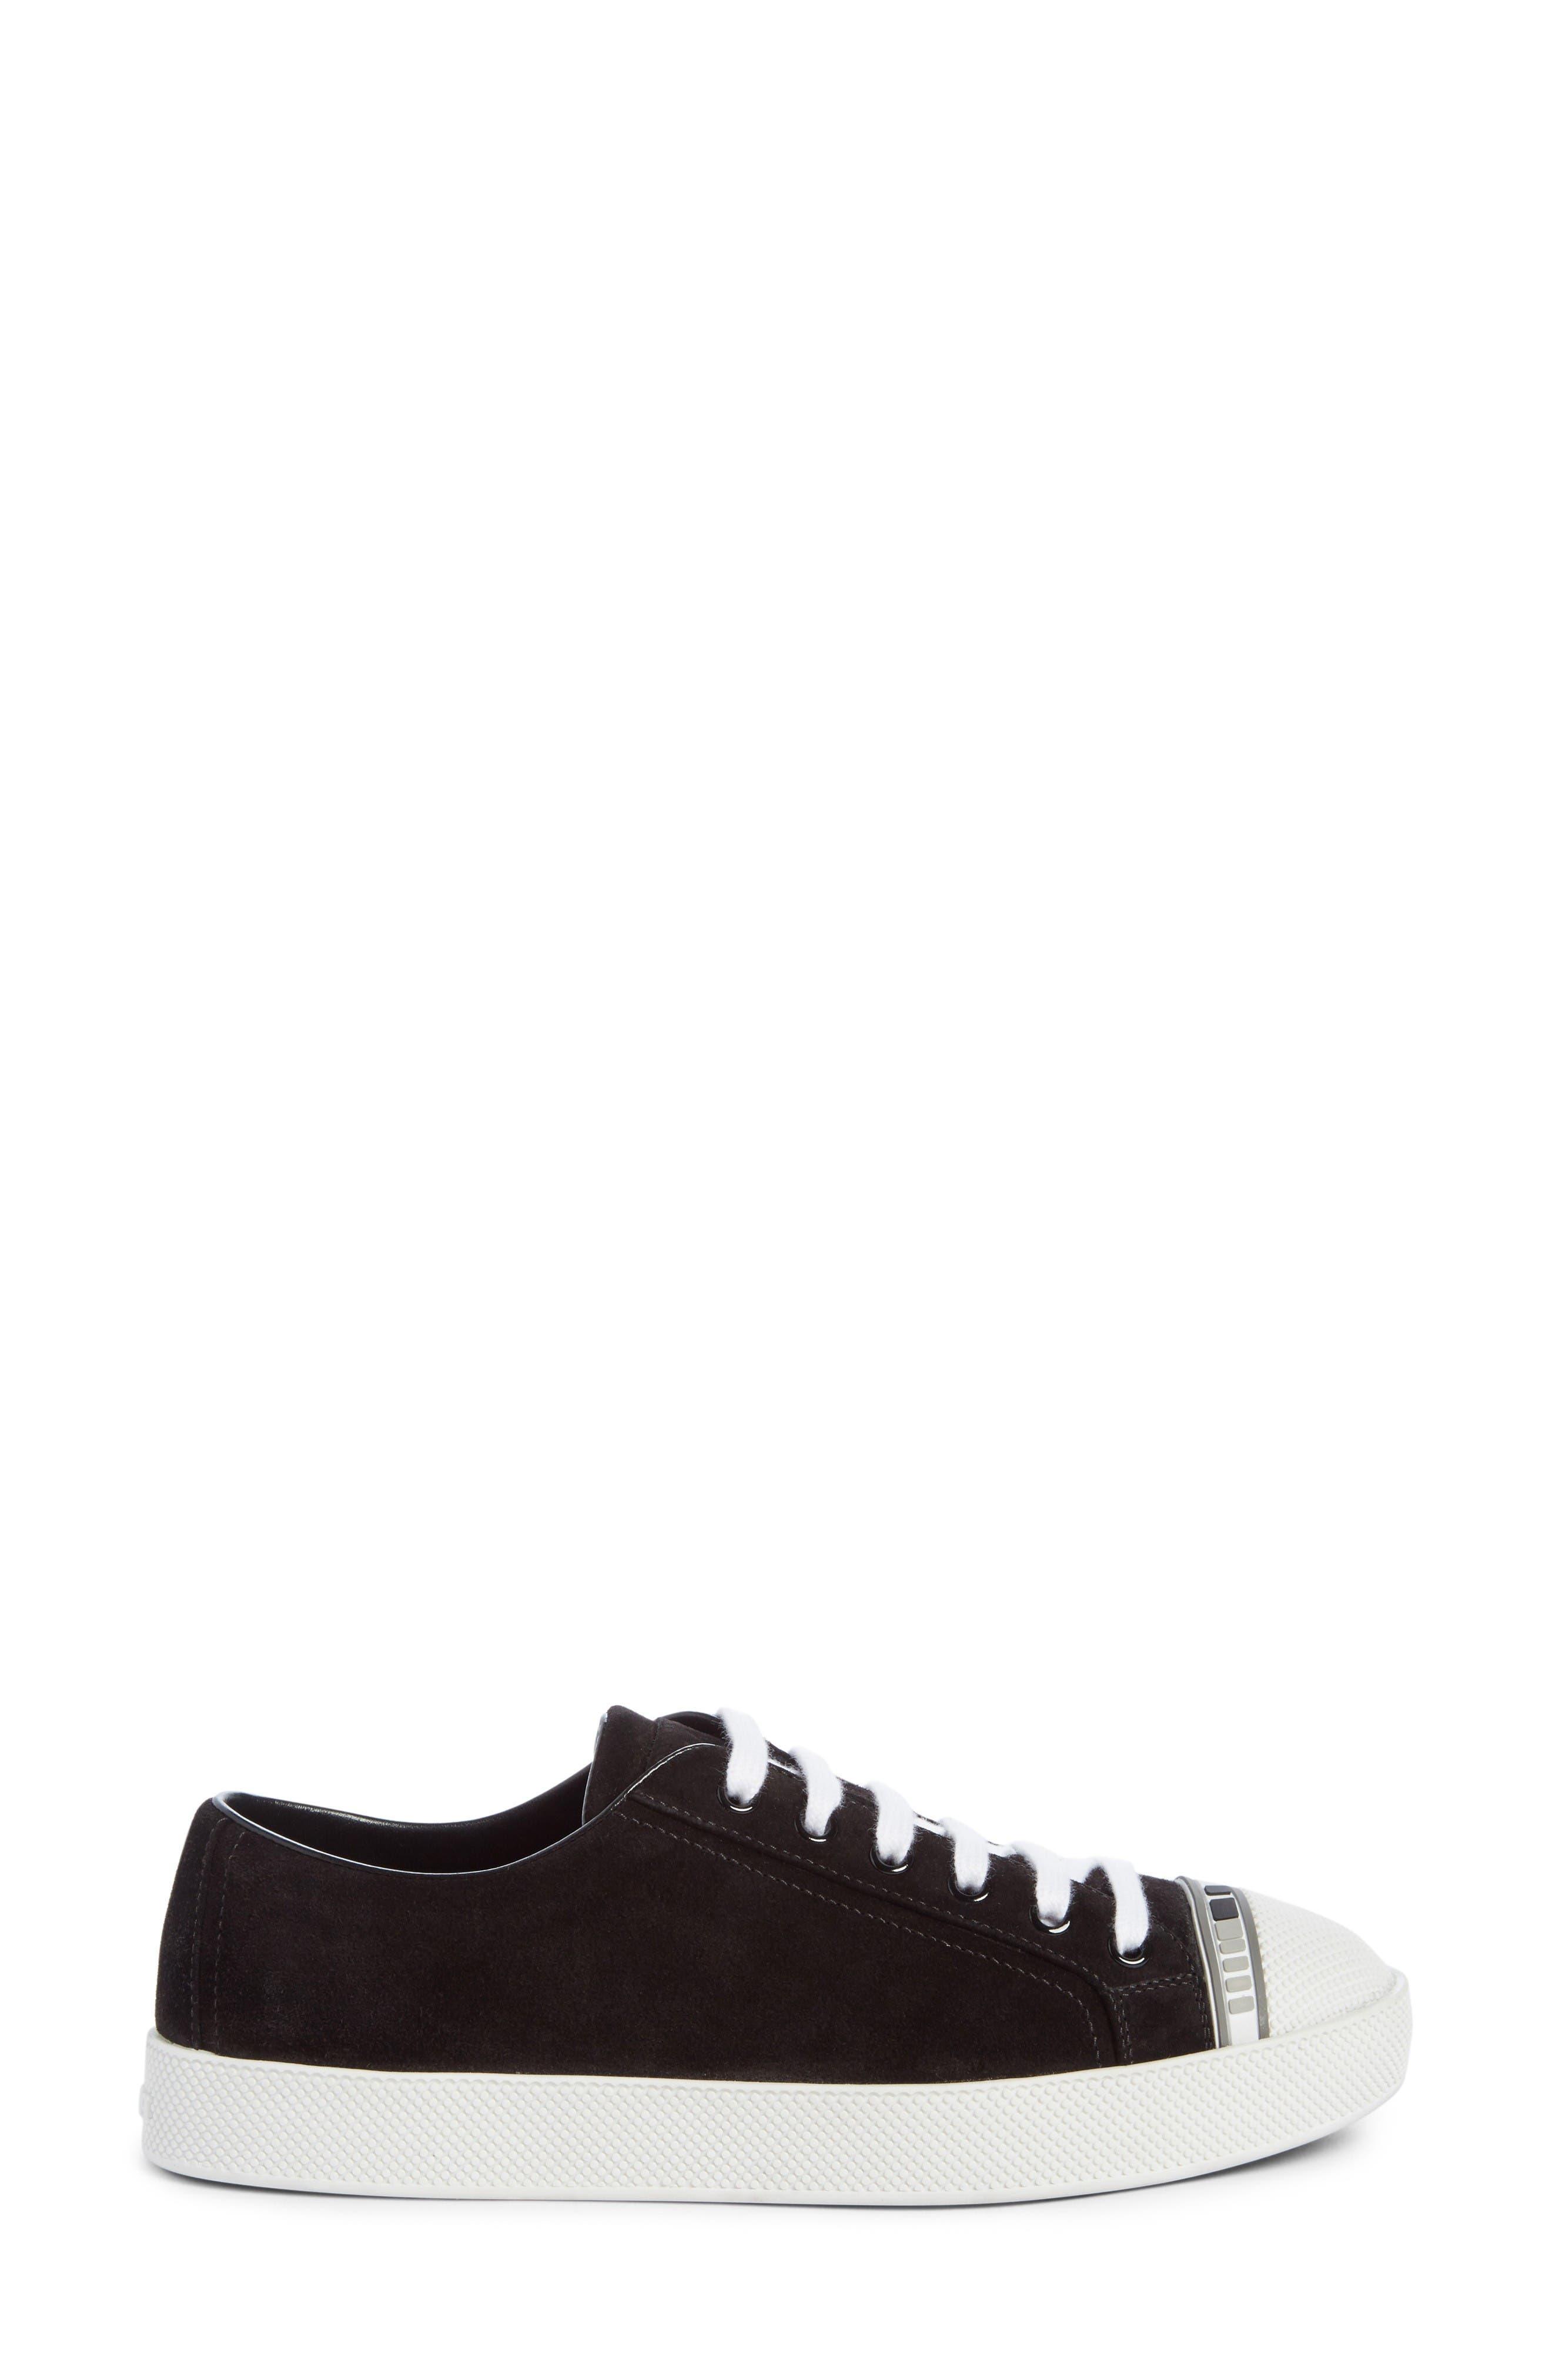 Linea Rossa Logo Platform Sneaker,                             Alternate thumbnail 2, color,                             Black/ White